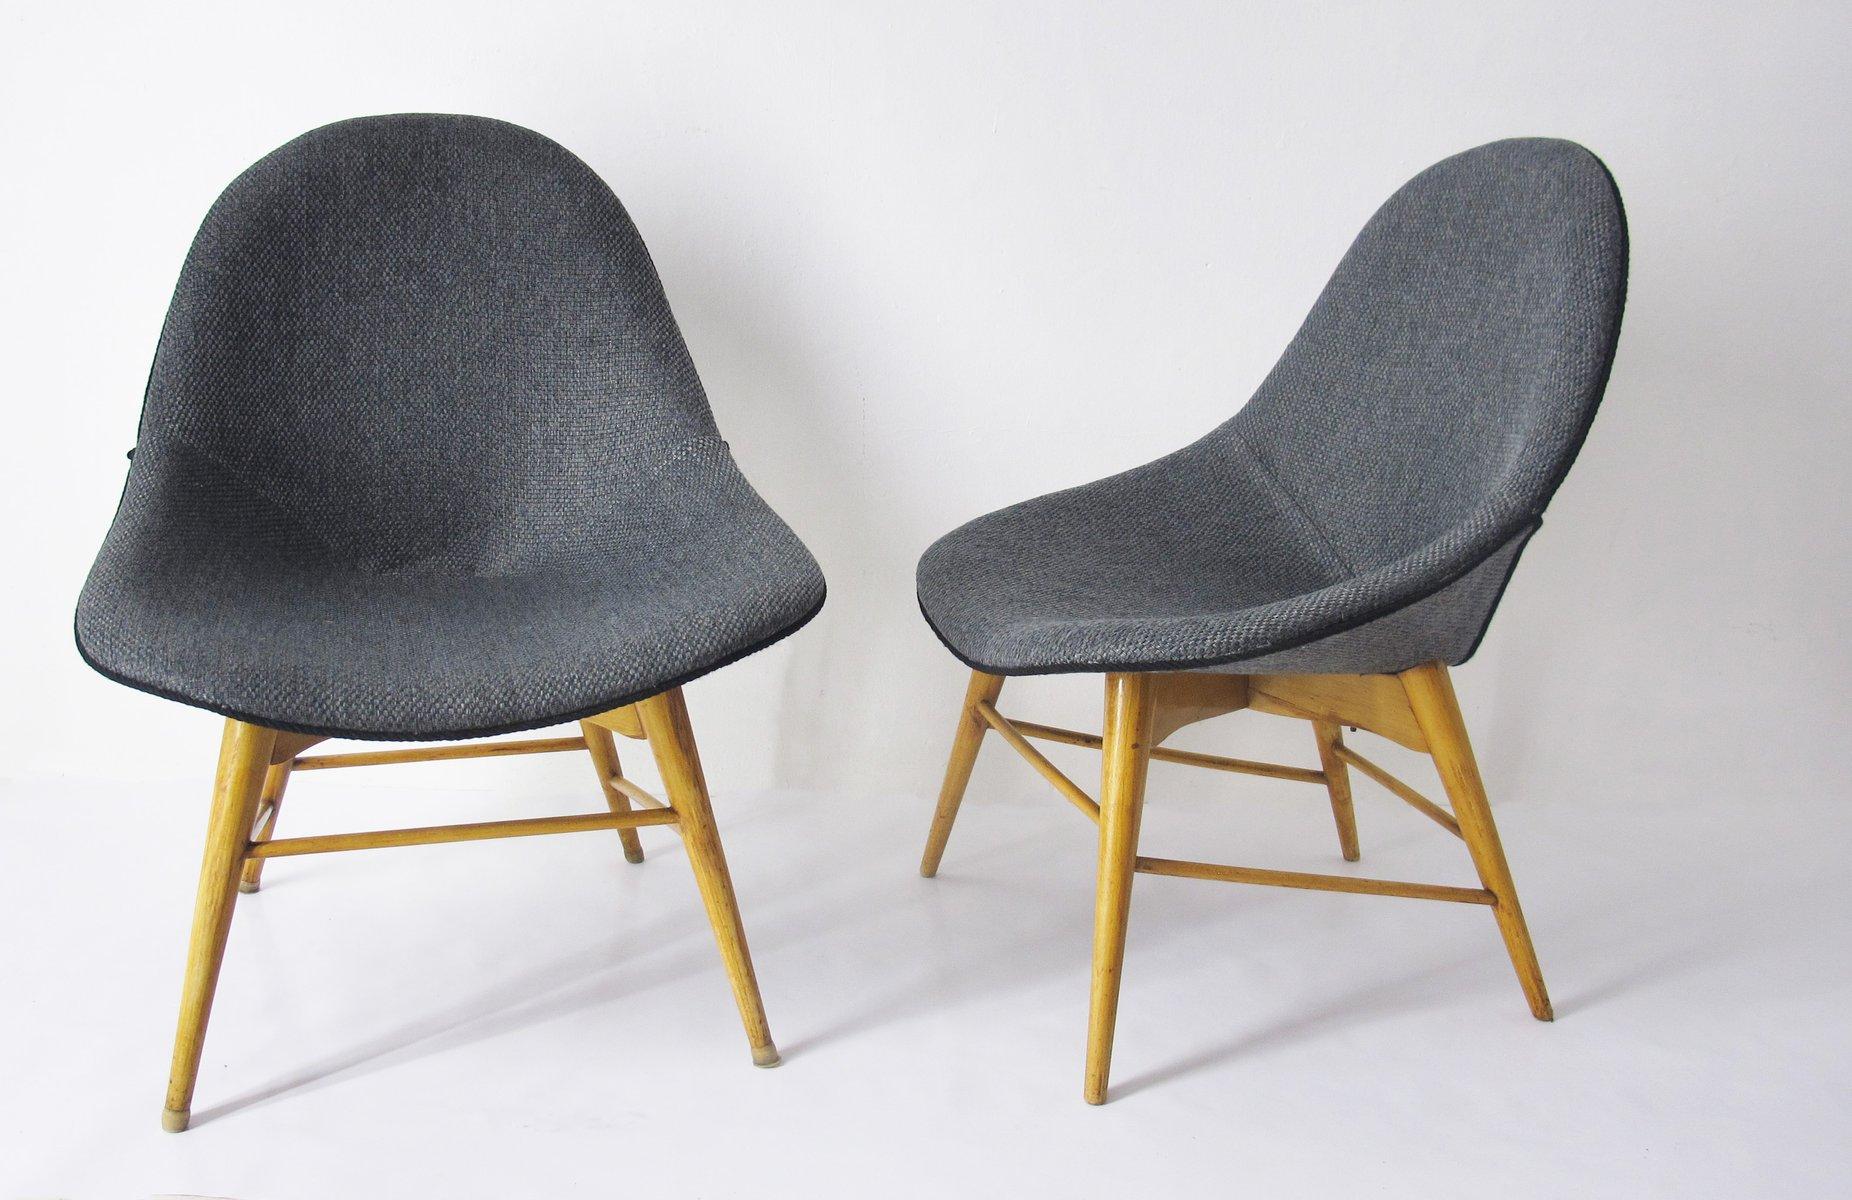 Vintage Stühle skandinavische vintage stühle 2er set bei pamono kaufen